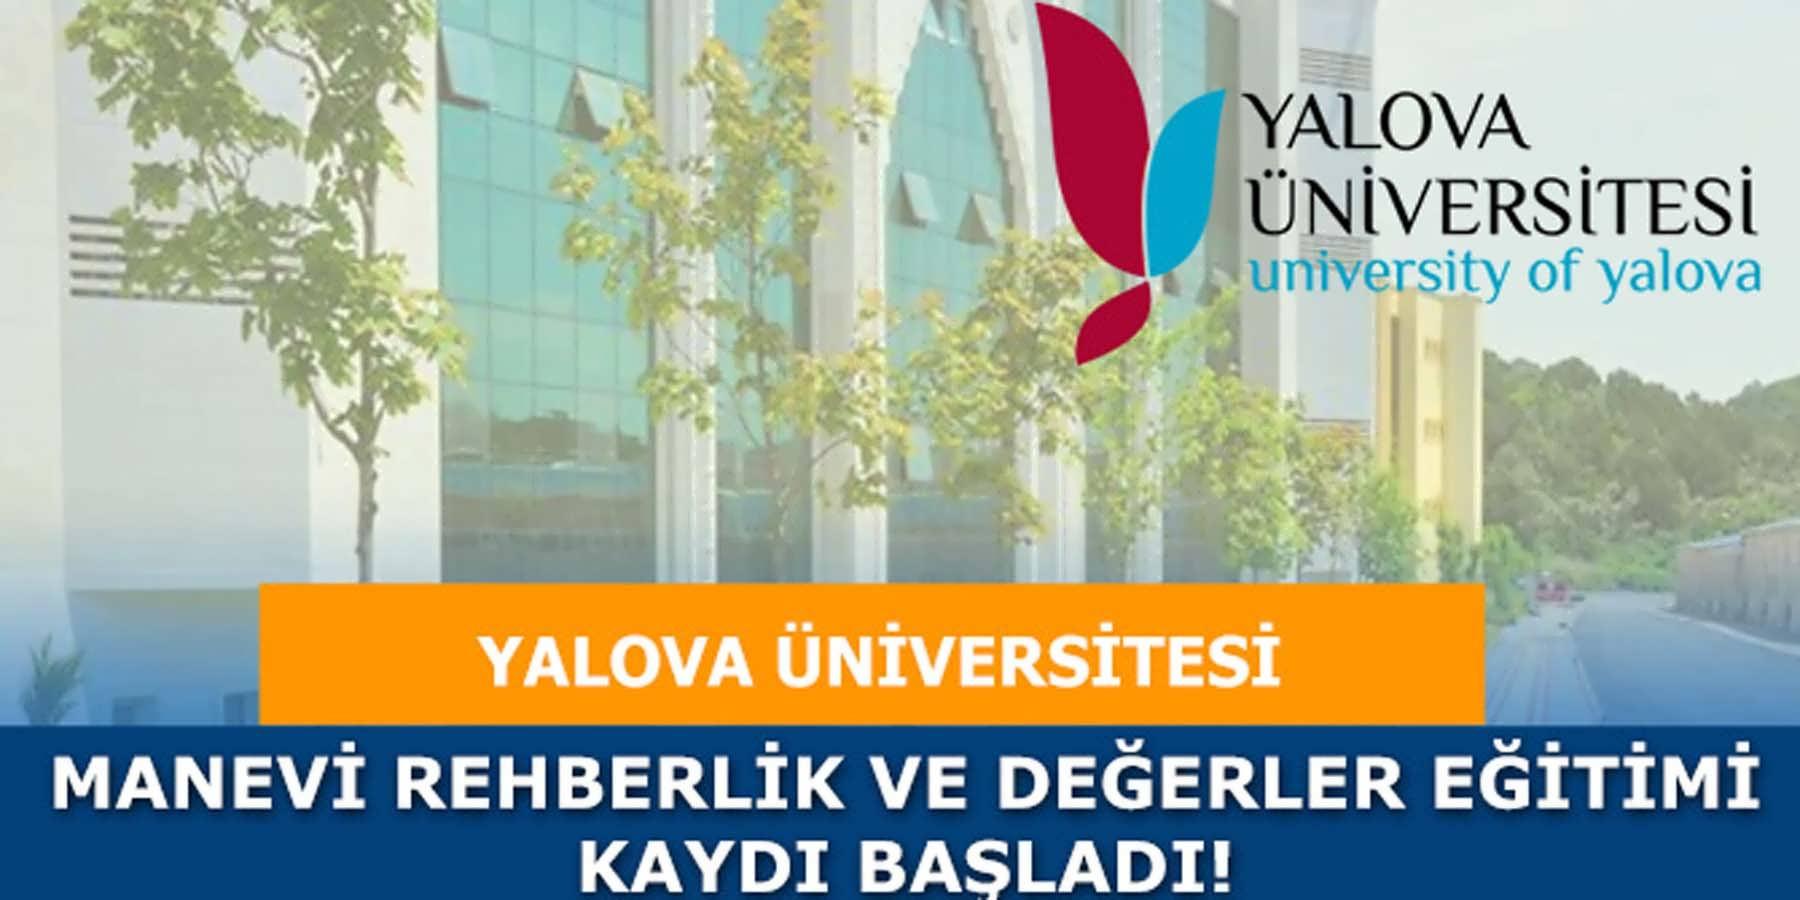 Yalova Üniversitesi Manevi Rehberlik ve Değerler Eğitimi Kayıtları Başladı